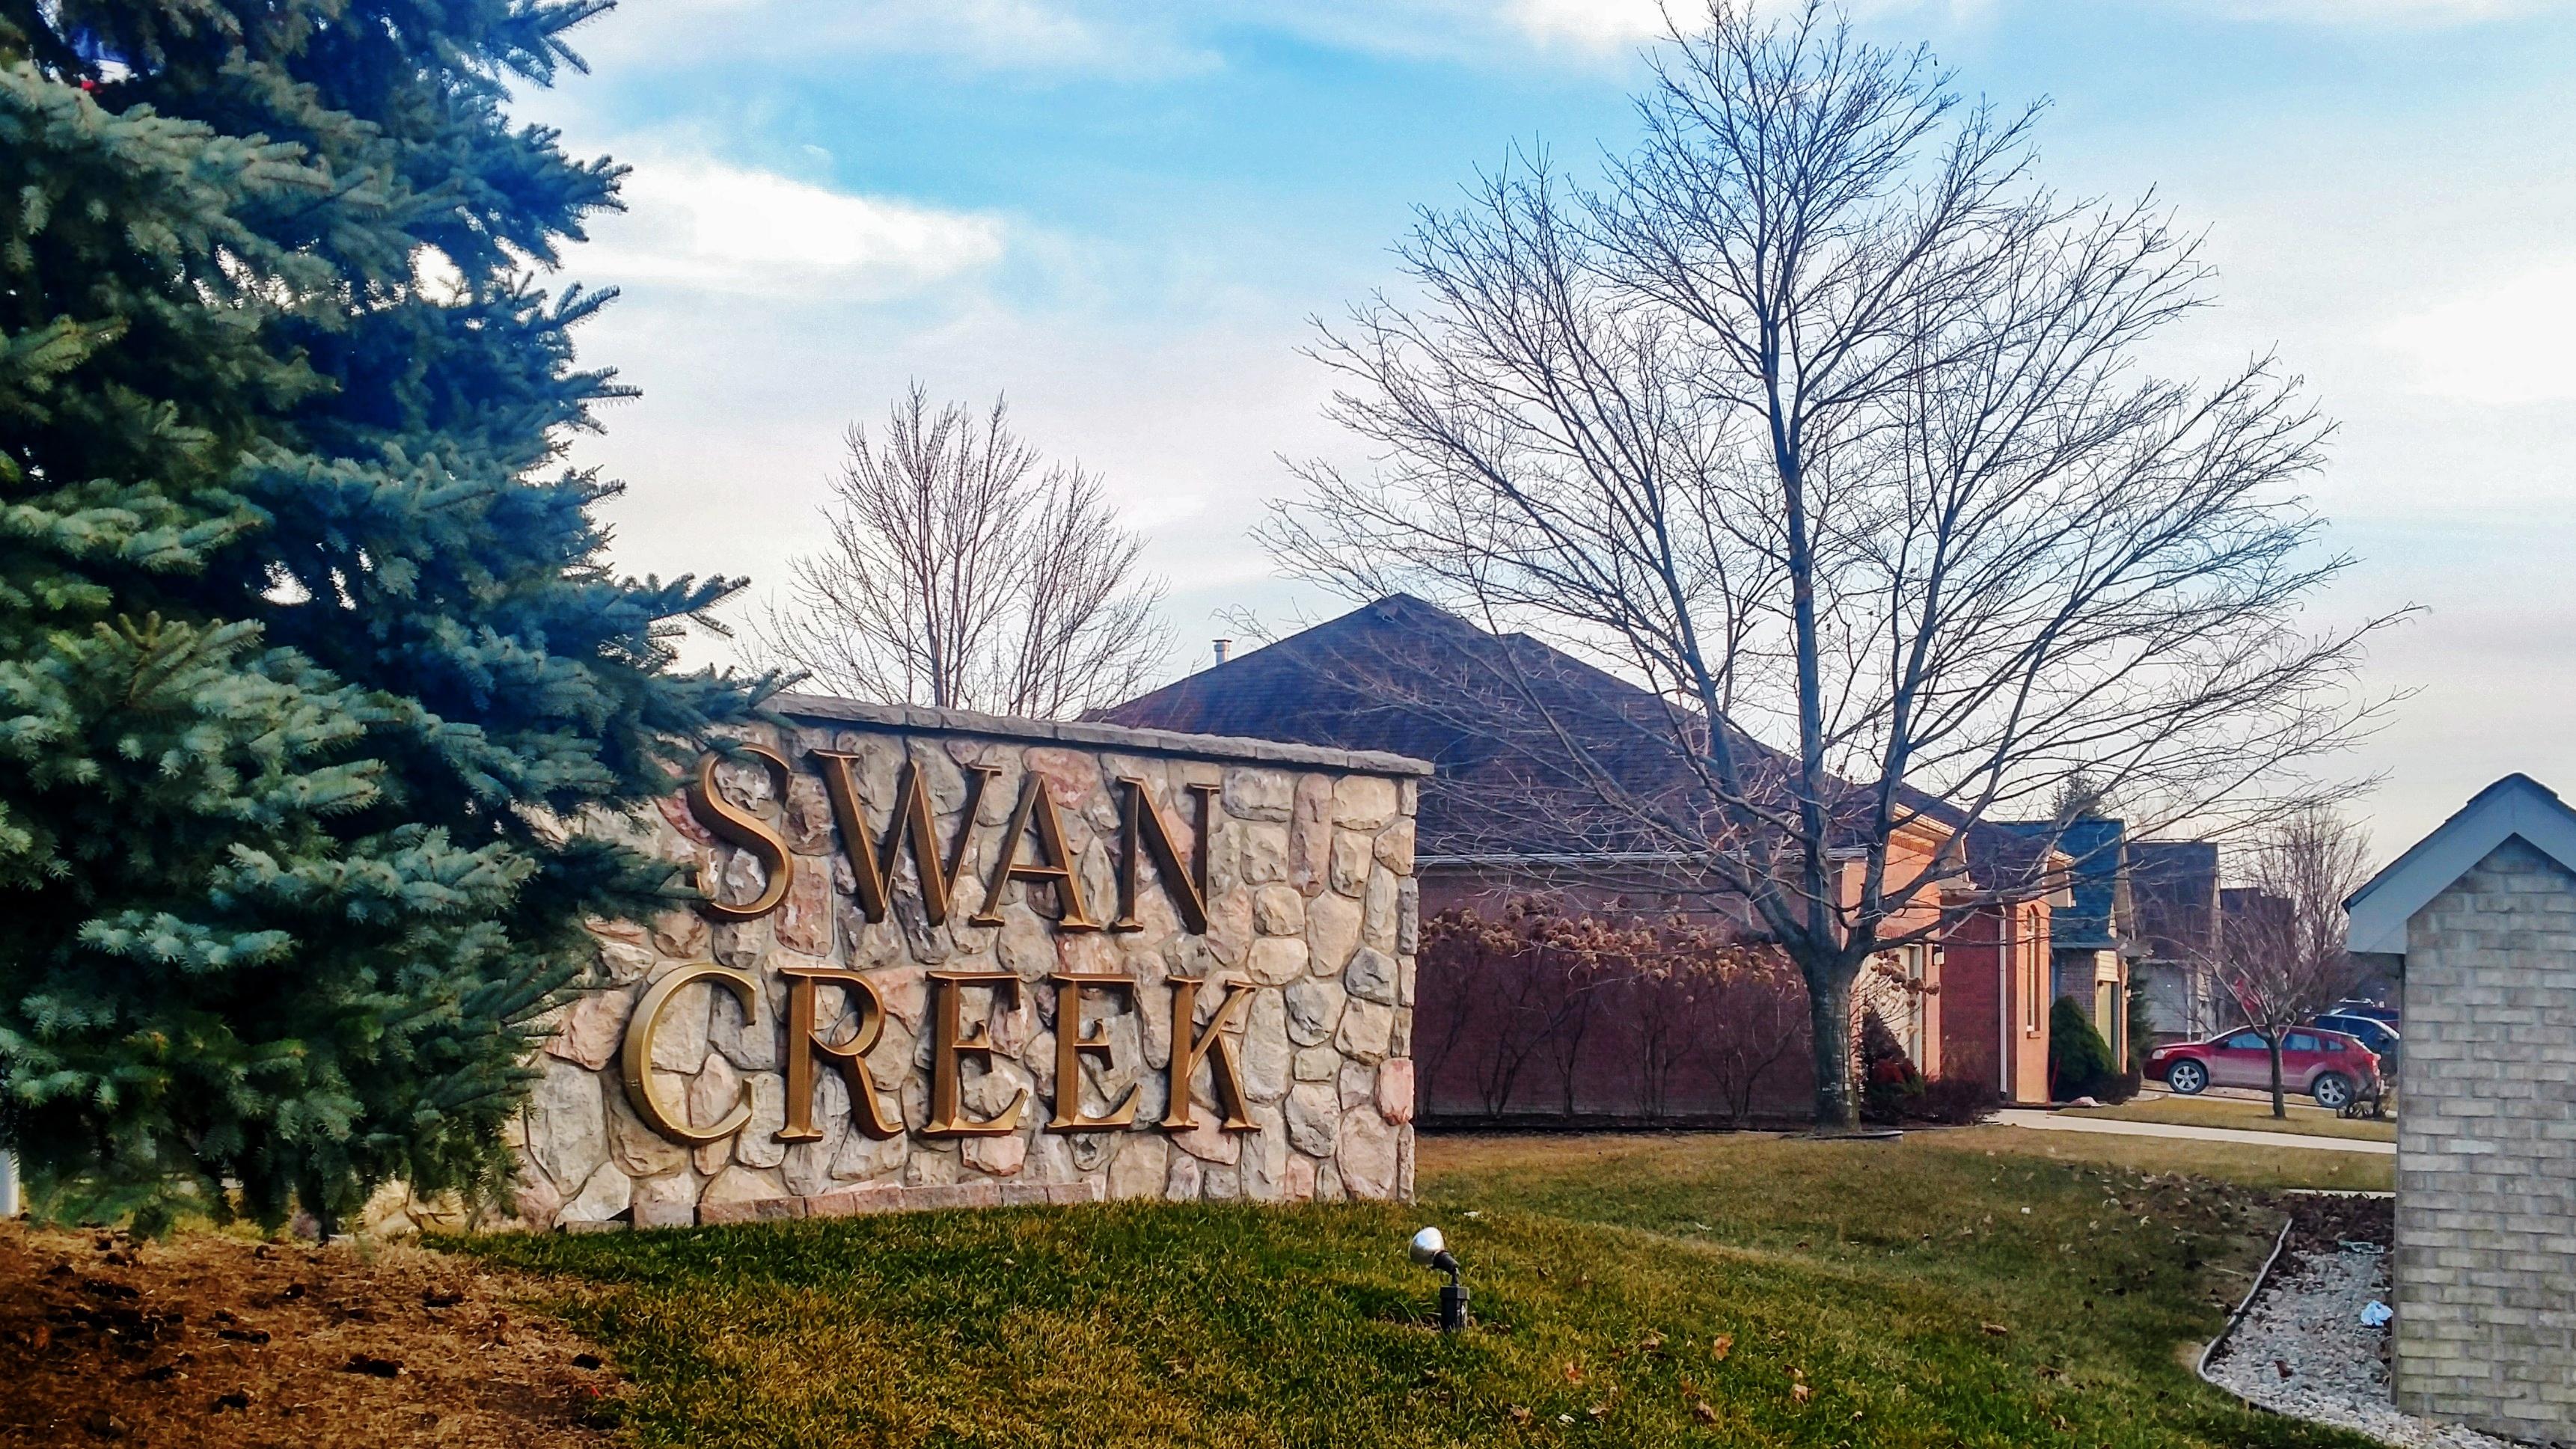 Swan Creek Condos